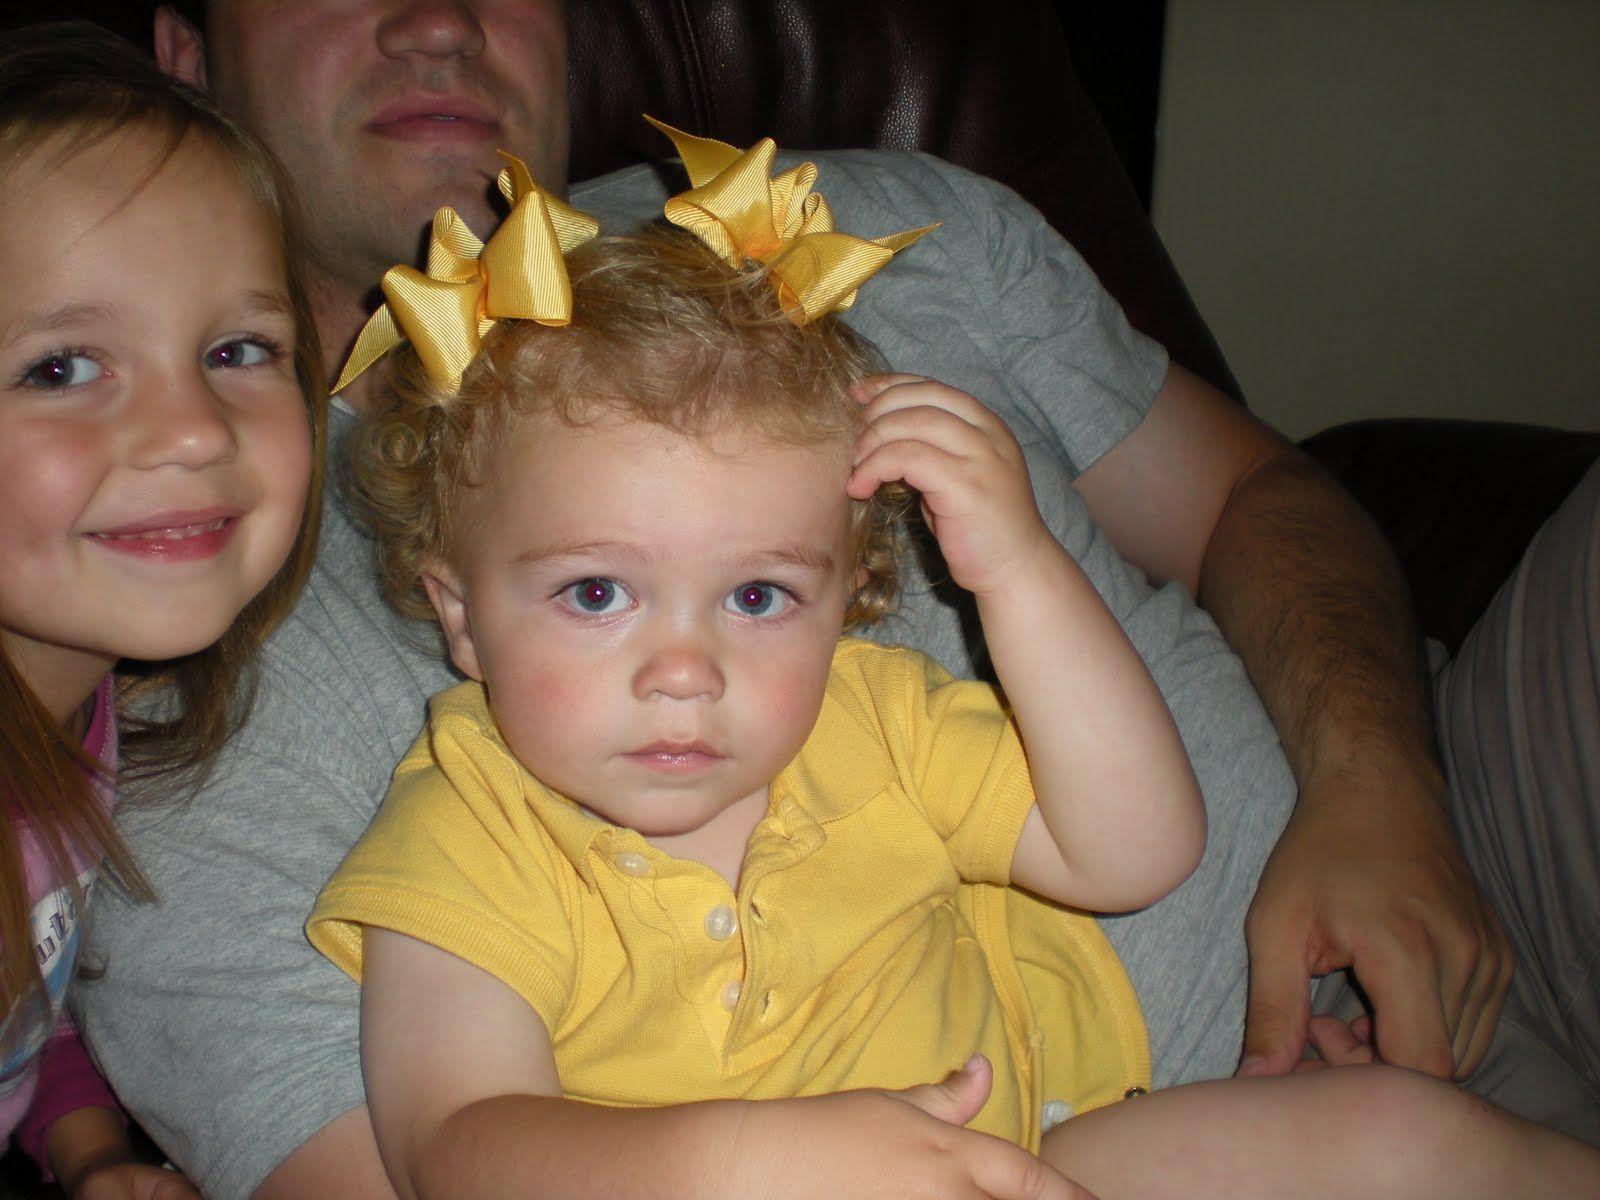 Ugly+Little+Girl | One Ugly Little Girl